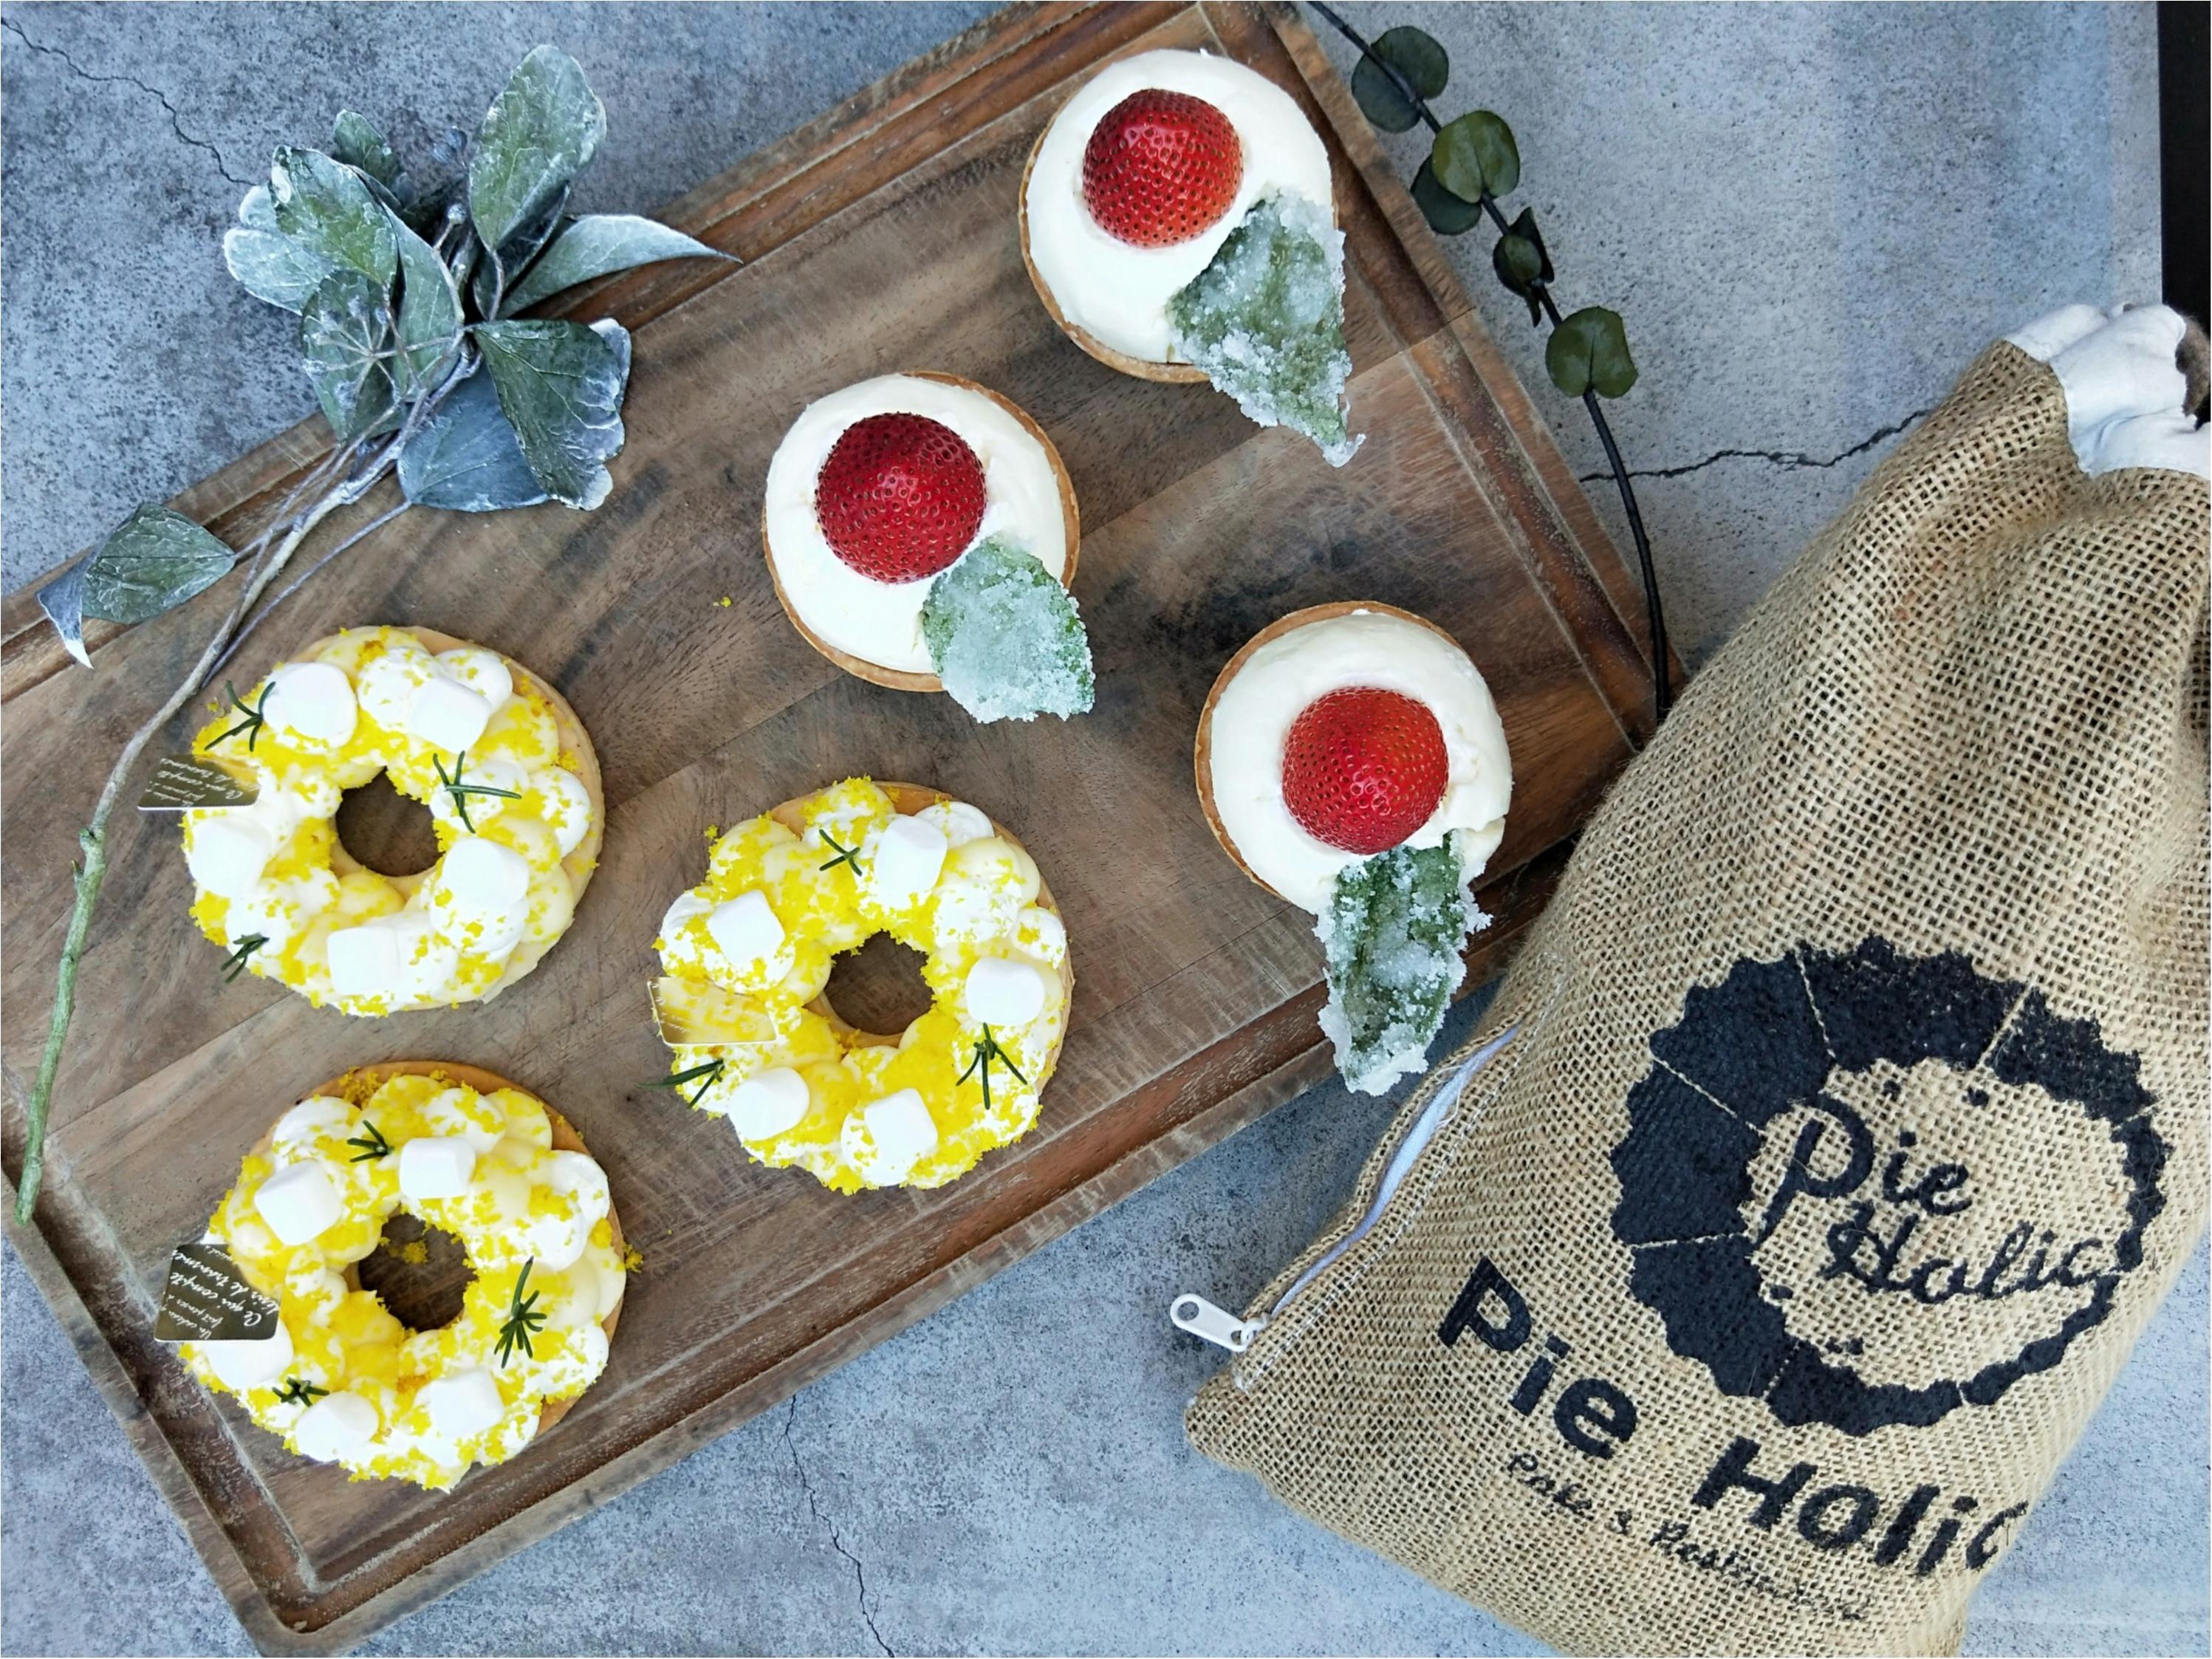 パイ専門店「Pie Holic」の新作試食会に参加♡コンセプトは「ハーブとフルーツ」_3